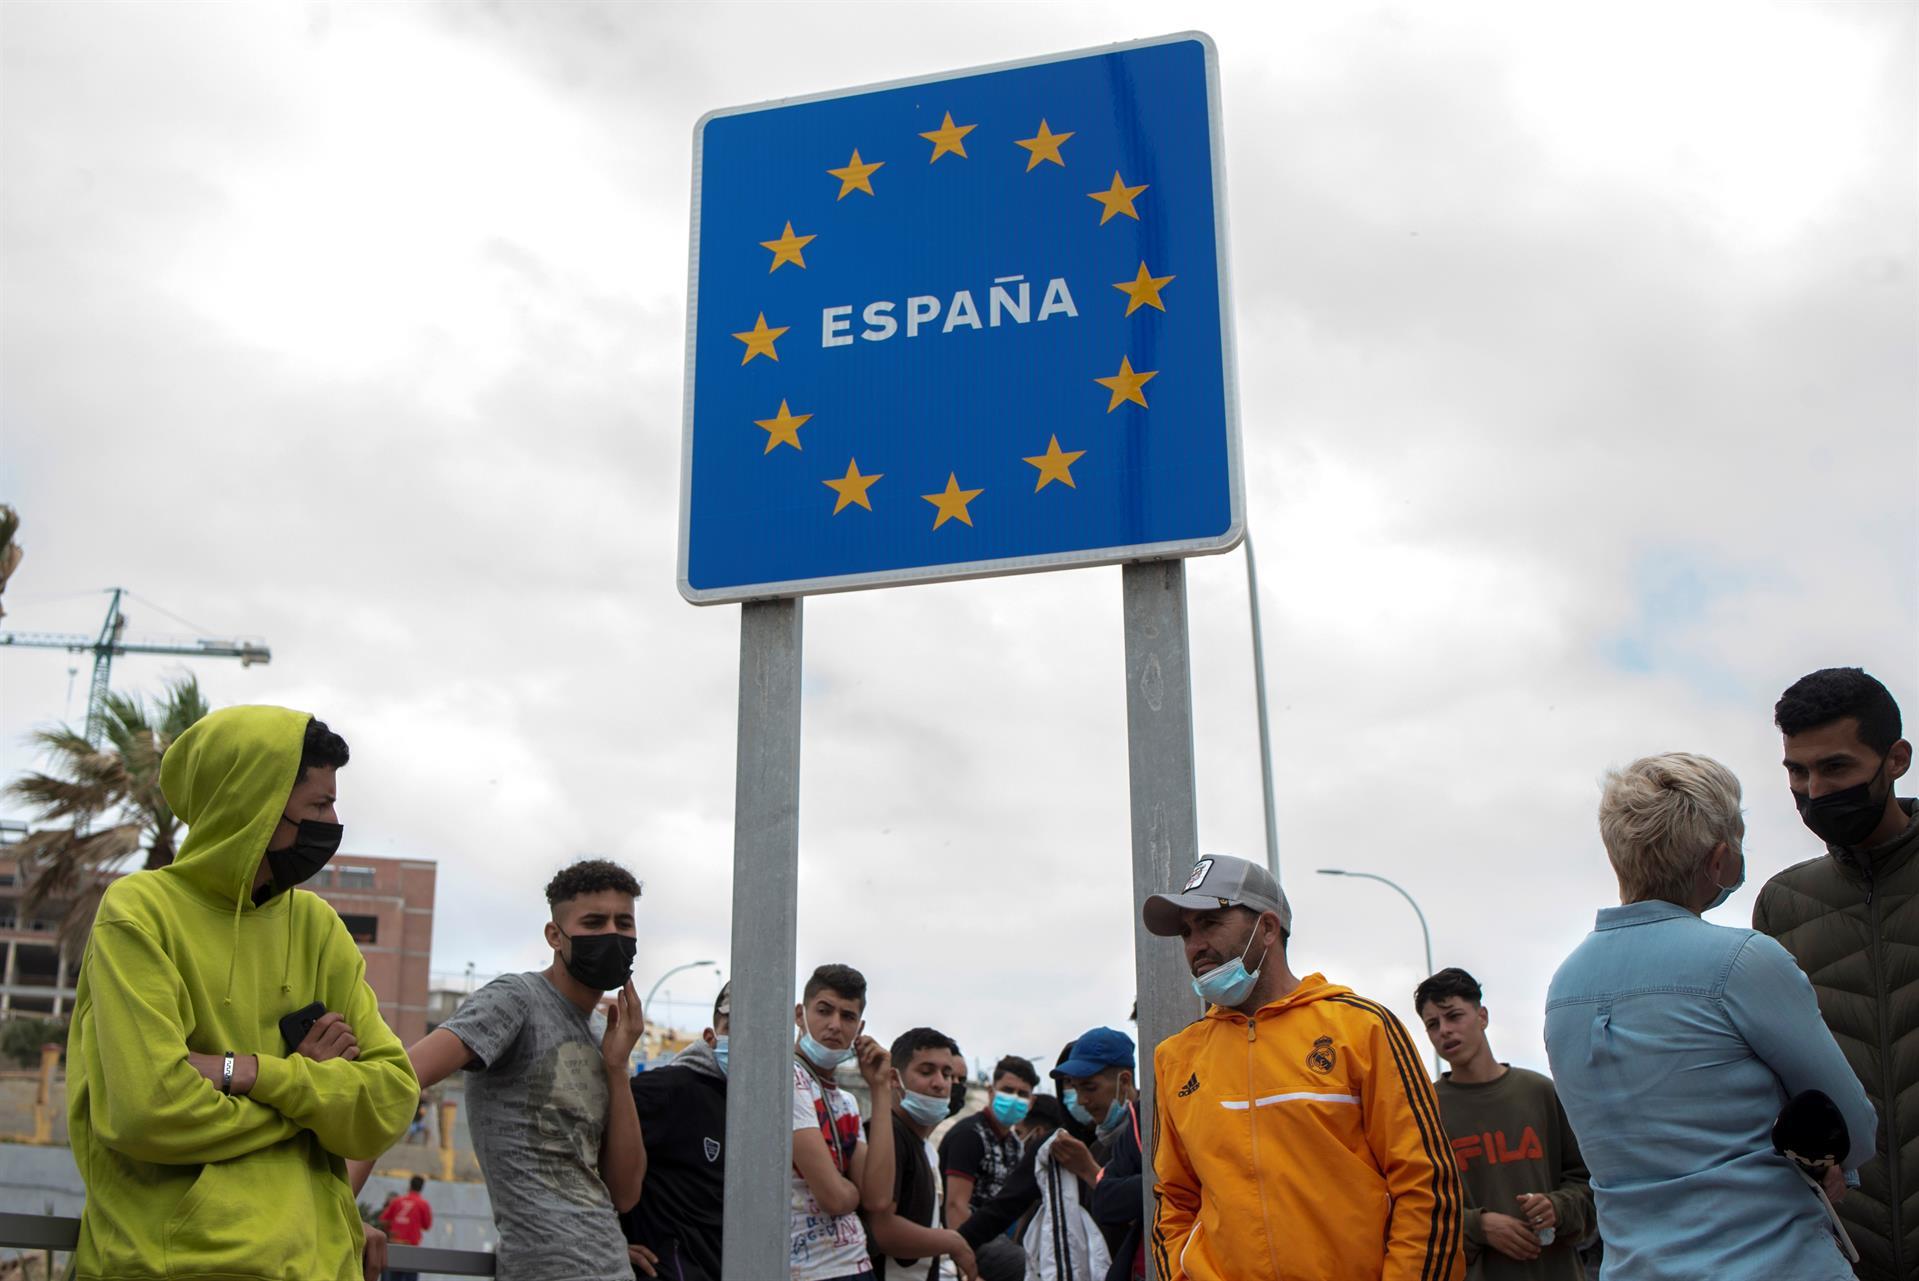 Varios migrantes esperan para pasar la frontera entre Ceuta y Marruecos voluntariamente. - EFE